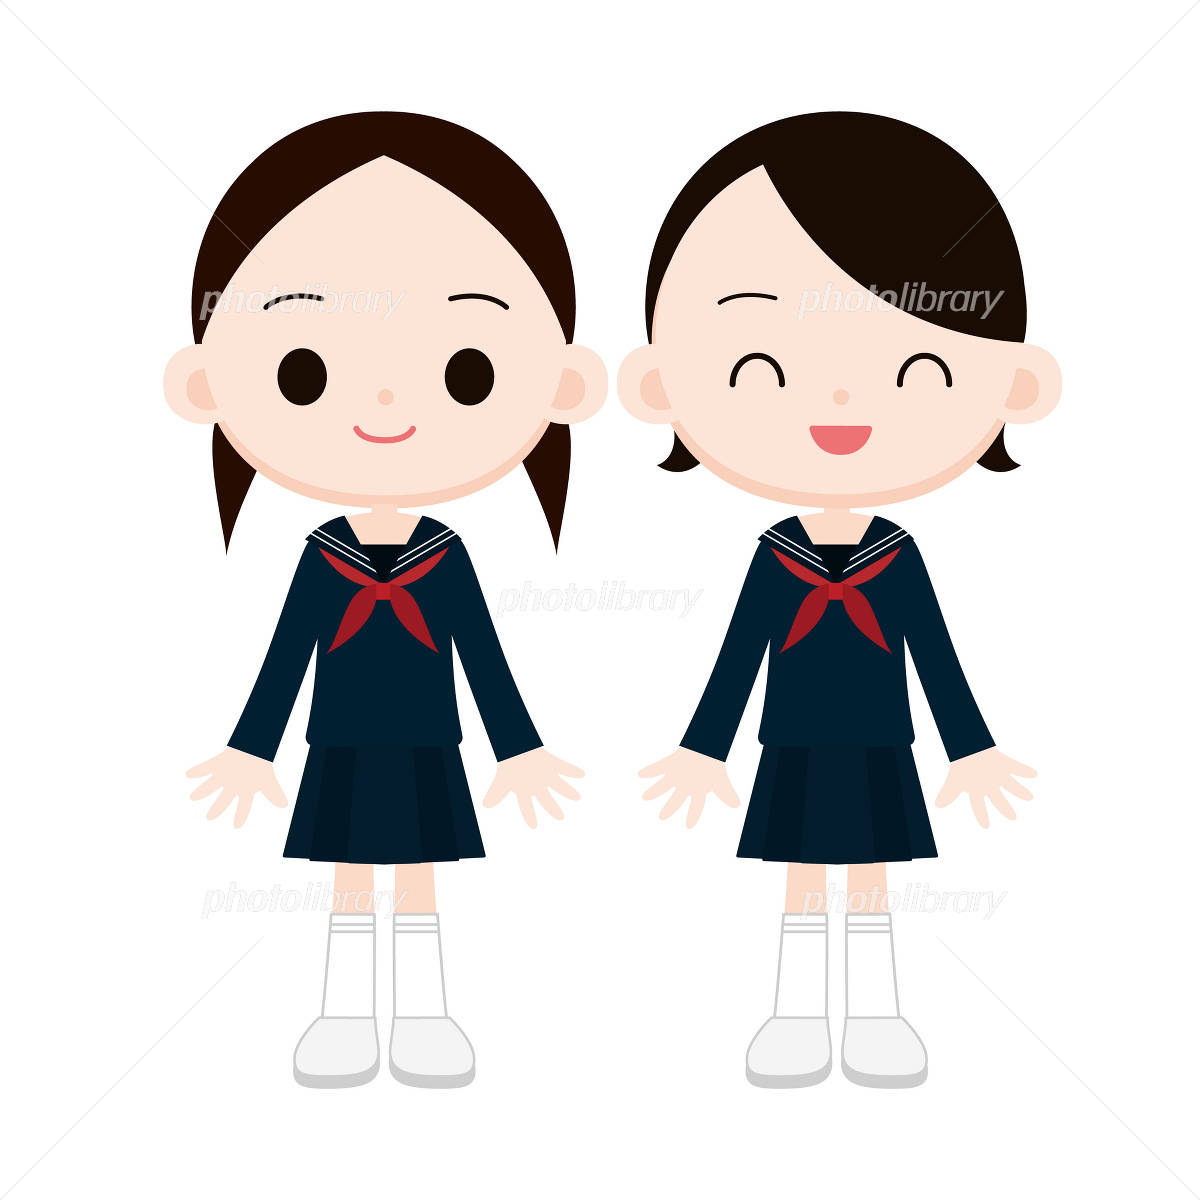 女子中学生のイラスト